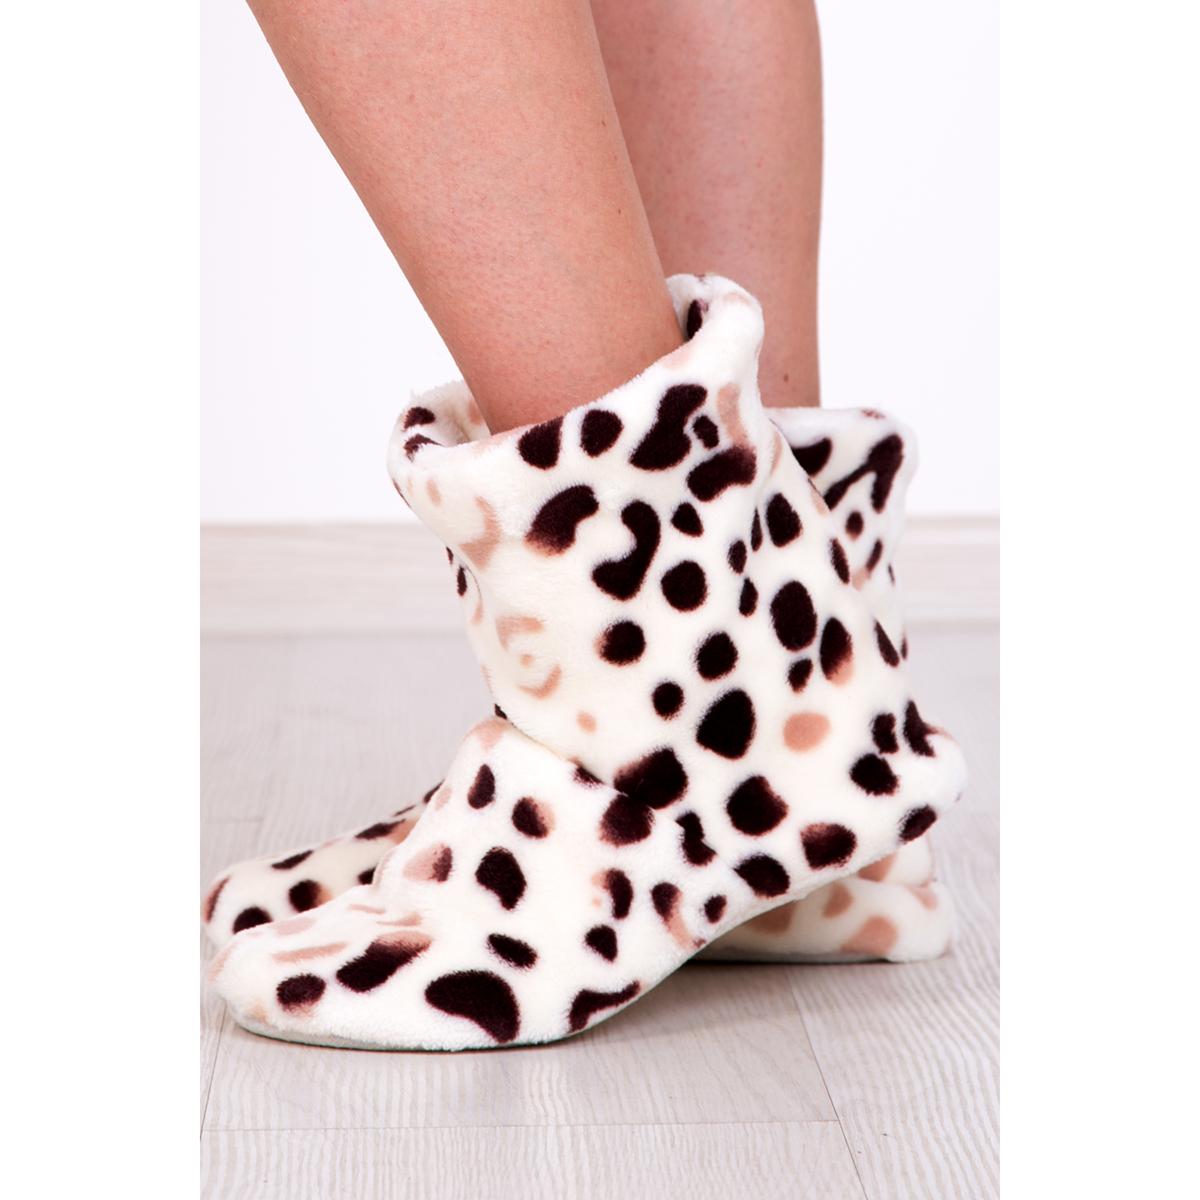 Купить обувь в Москве зимнюю и осеннюю демисезонную